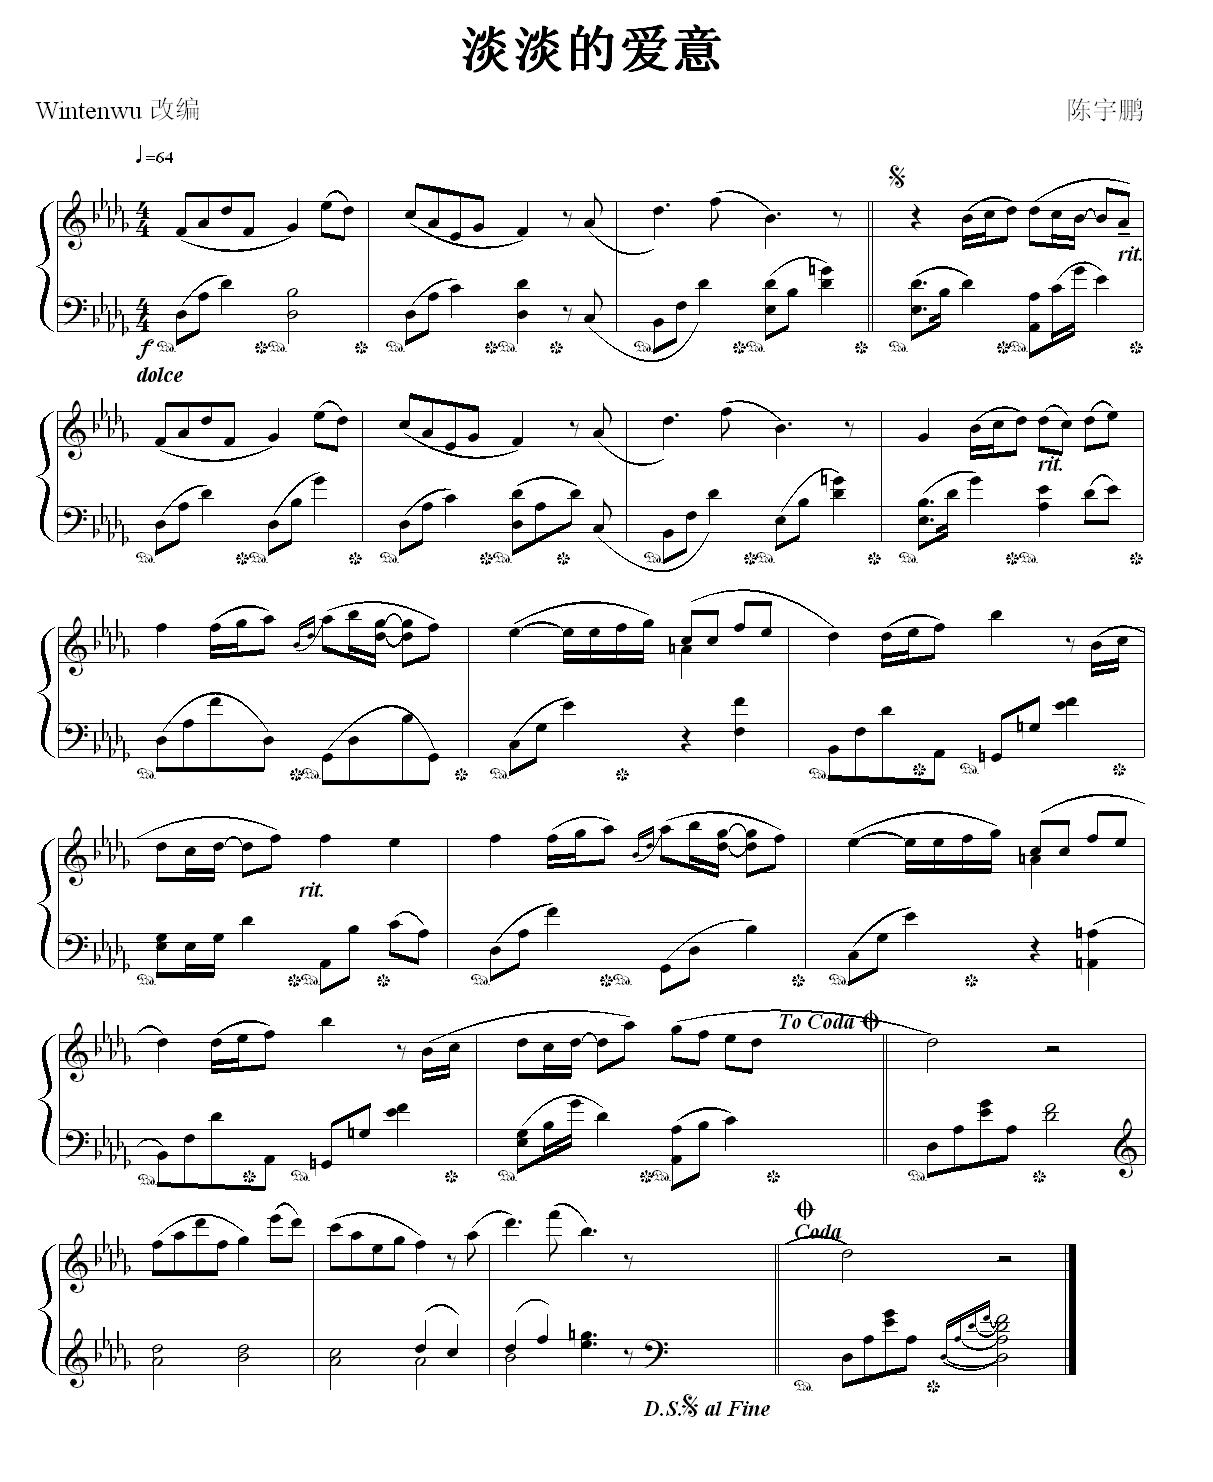 淡淡的爱意的键盘钢琴谱图片